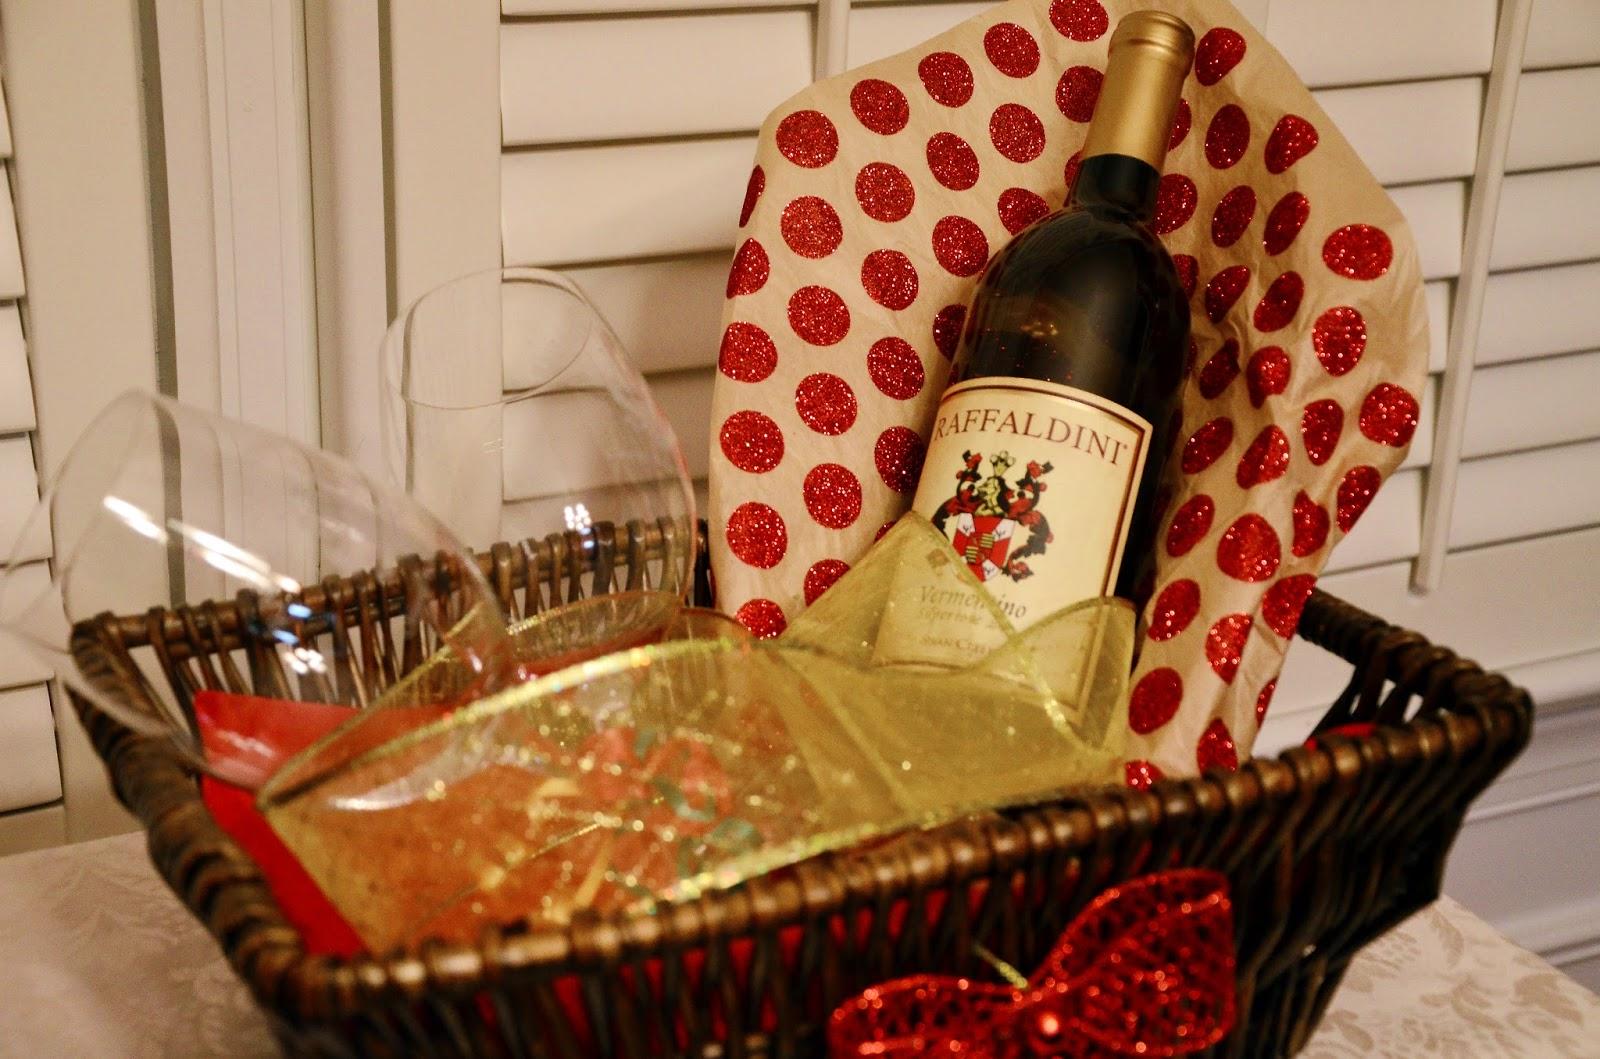 Raffaldinin Gift Basket.JPG